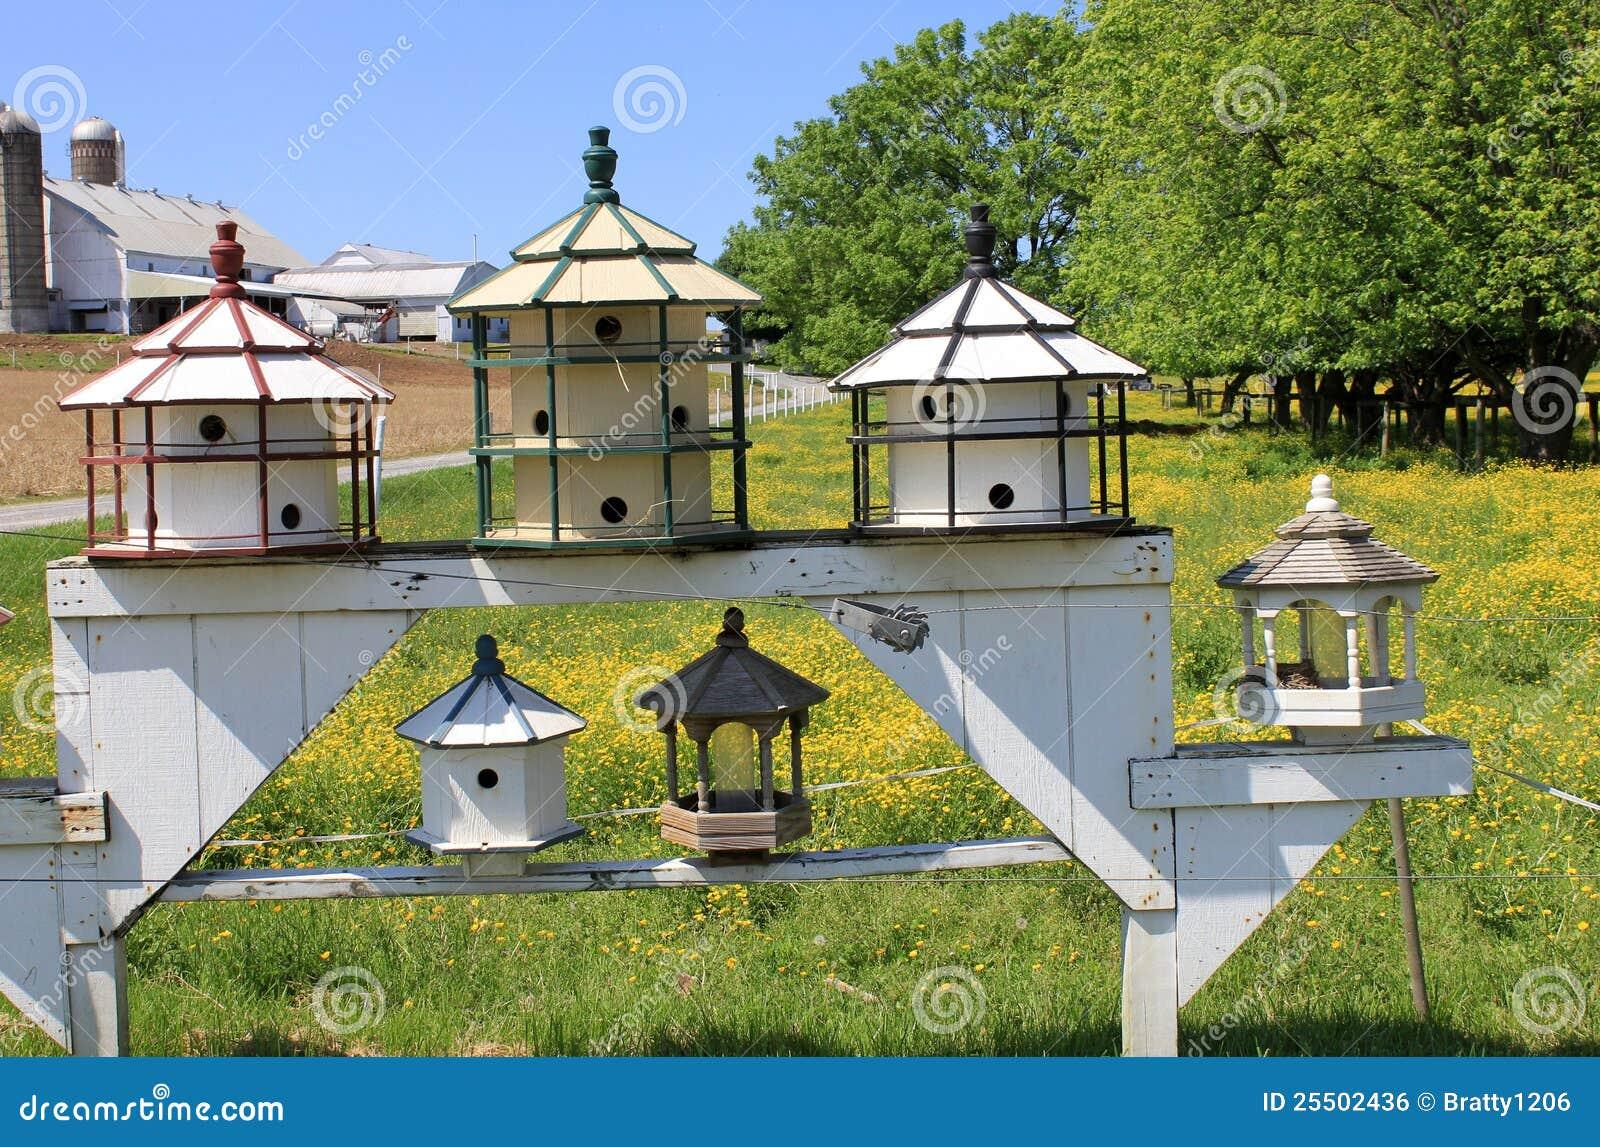 unique birdhouse plans